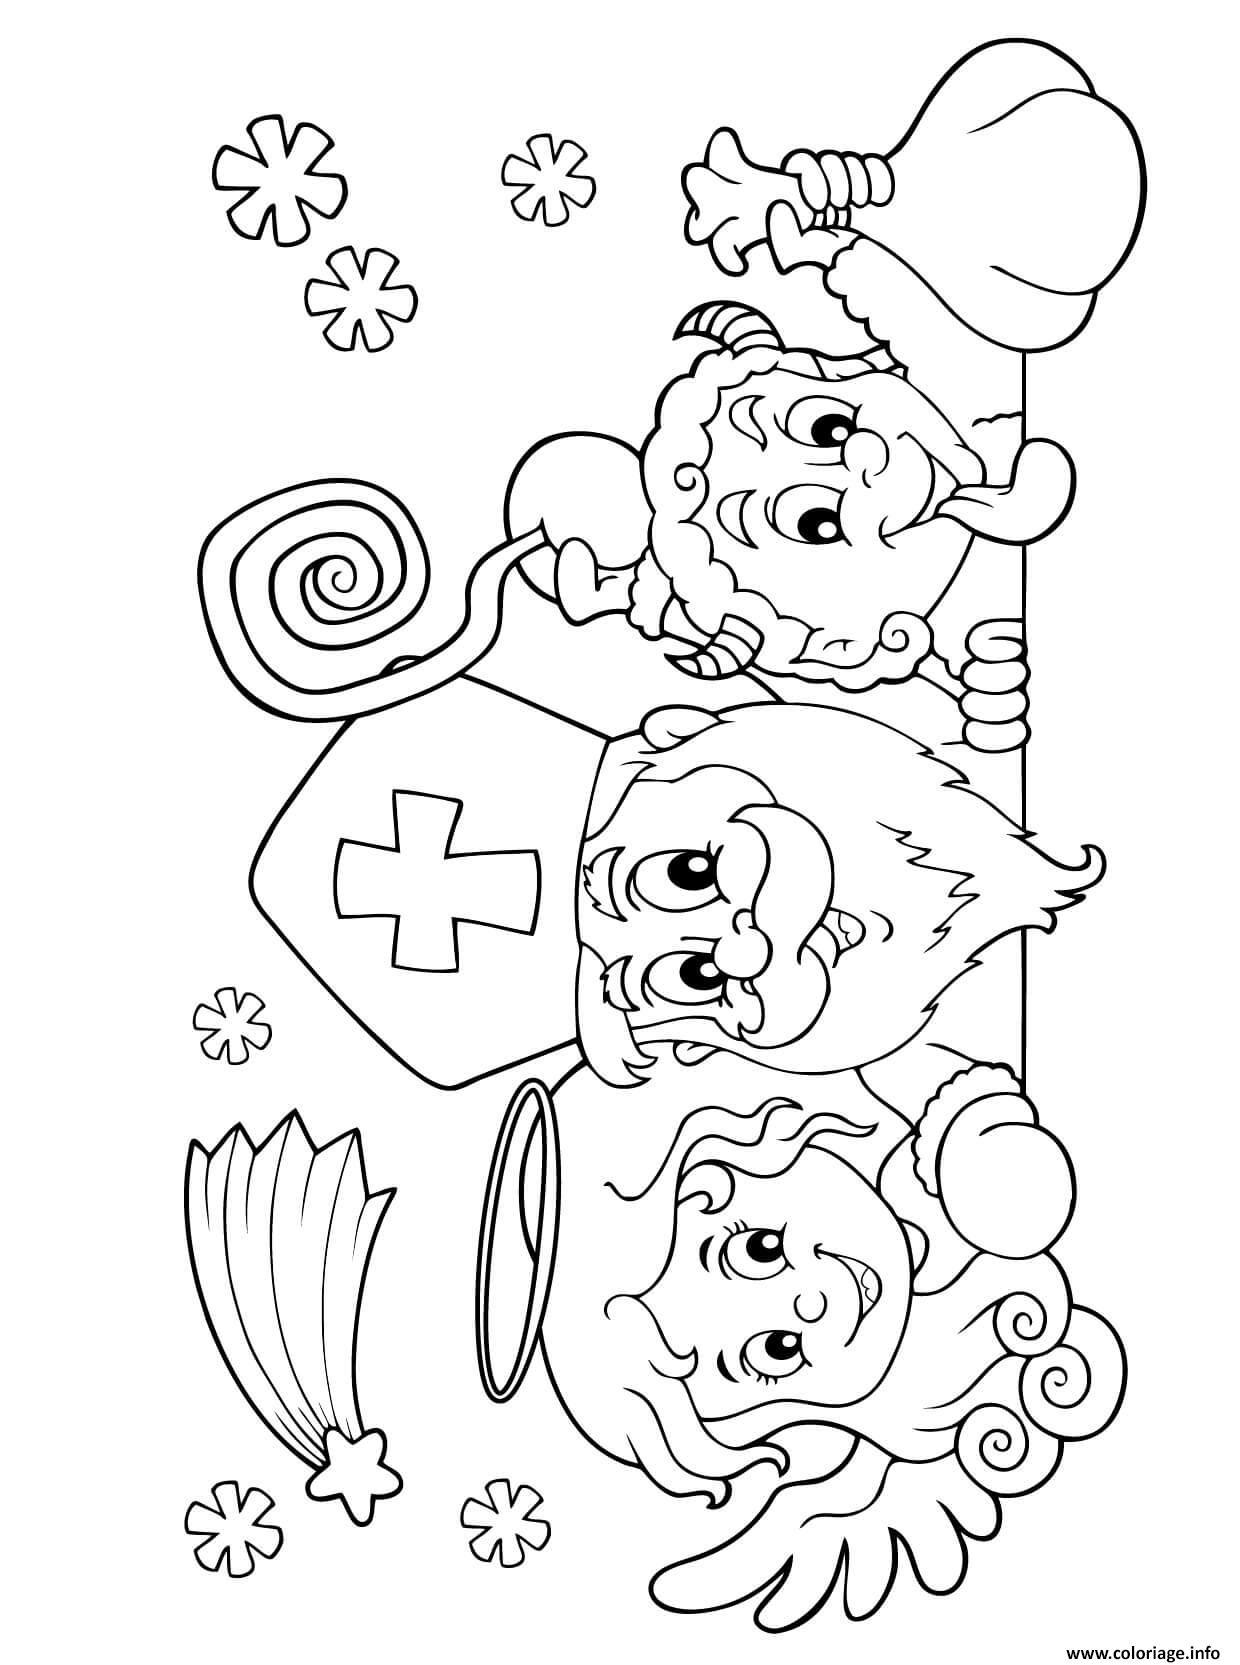 Dessin saint nicolas pere noel Coloriage Gratuit à Imprimer